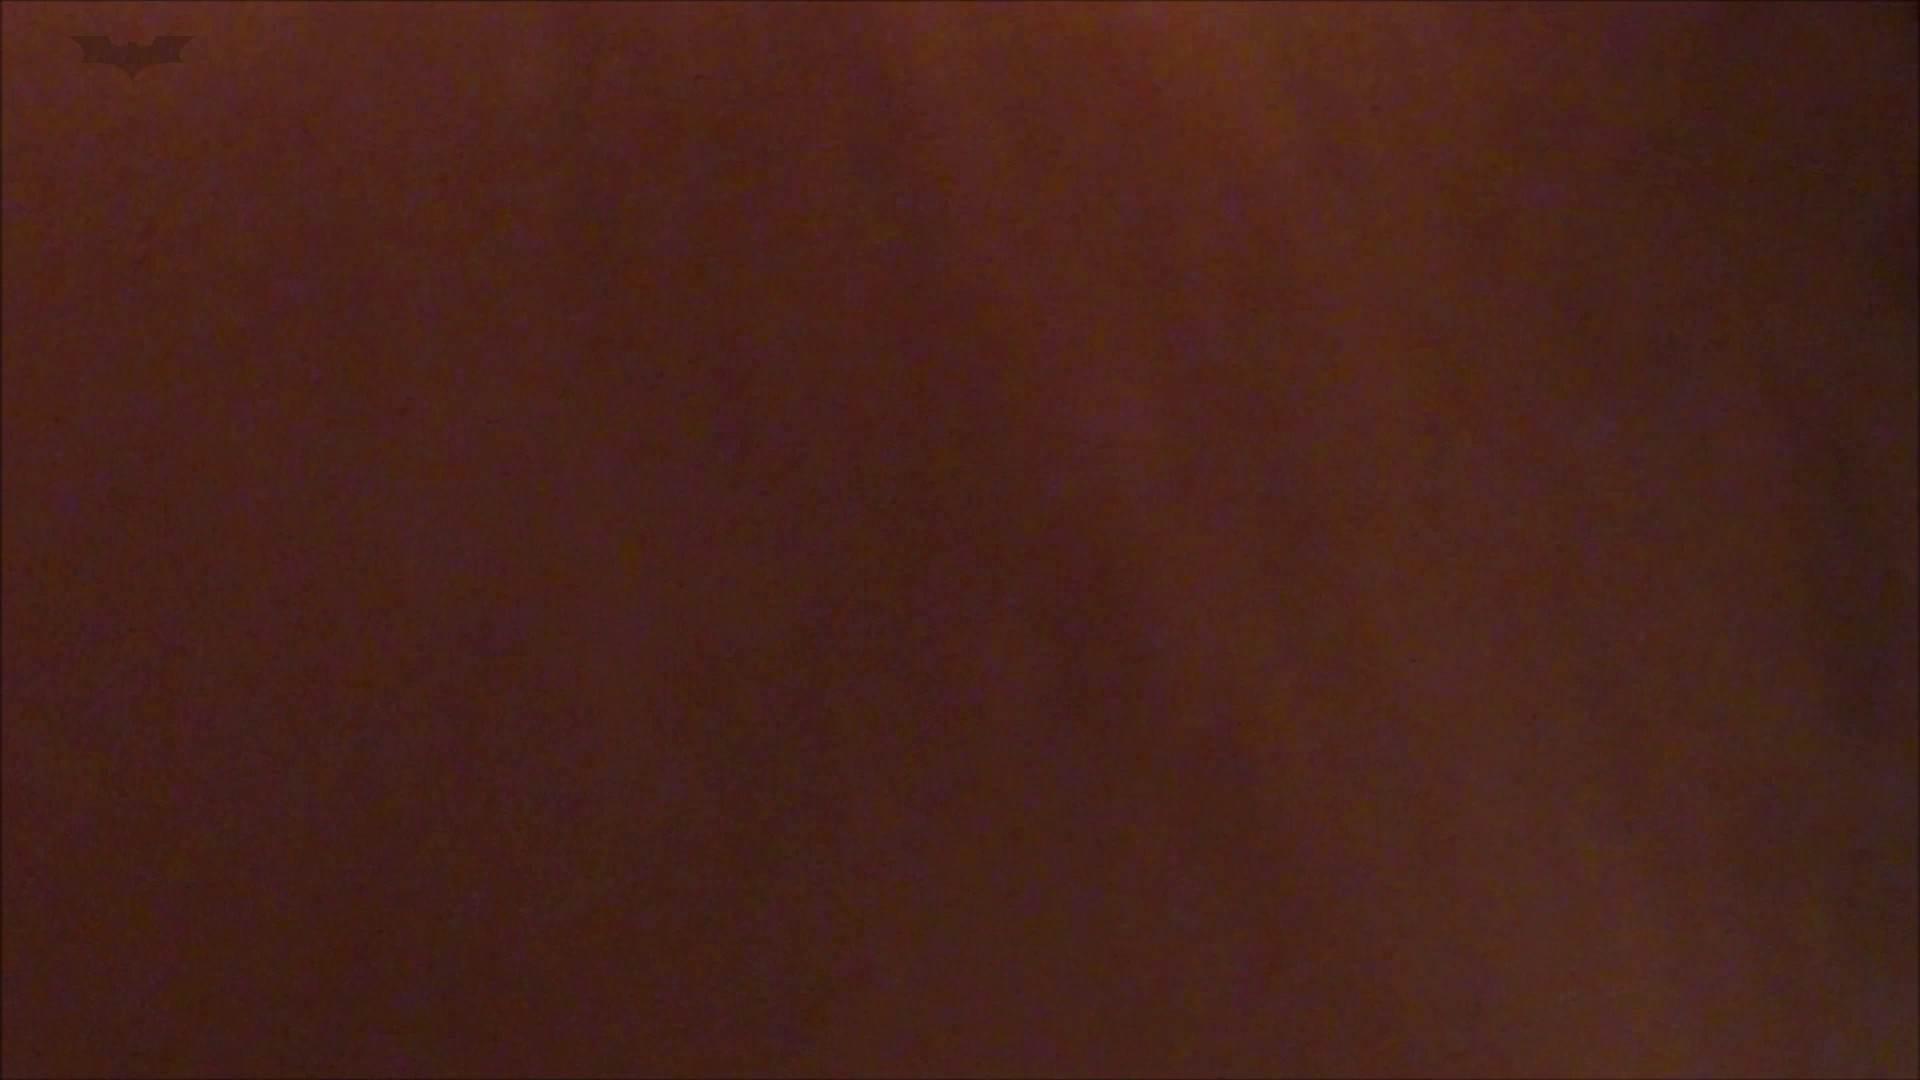 内緒でデリヘル盗撮 Vol.03中編 美肌、美人のデリ嬢にいよいよ挿入! 盗撮  102PIX 65